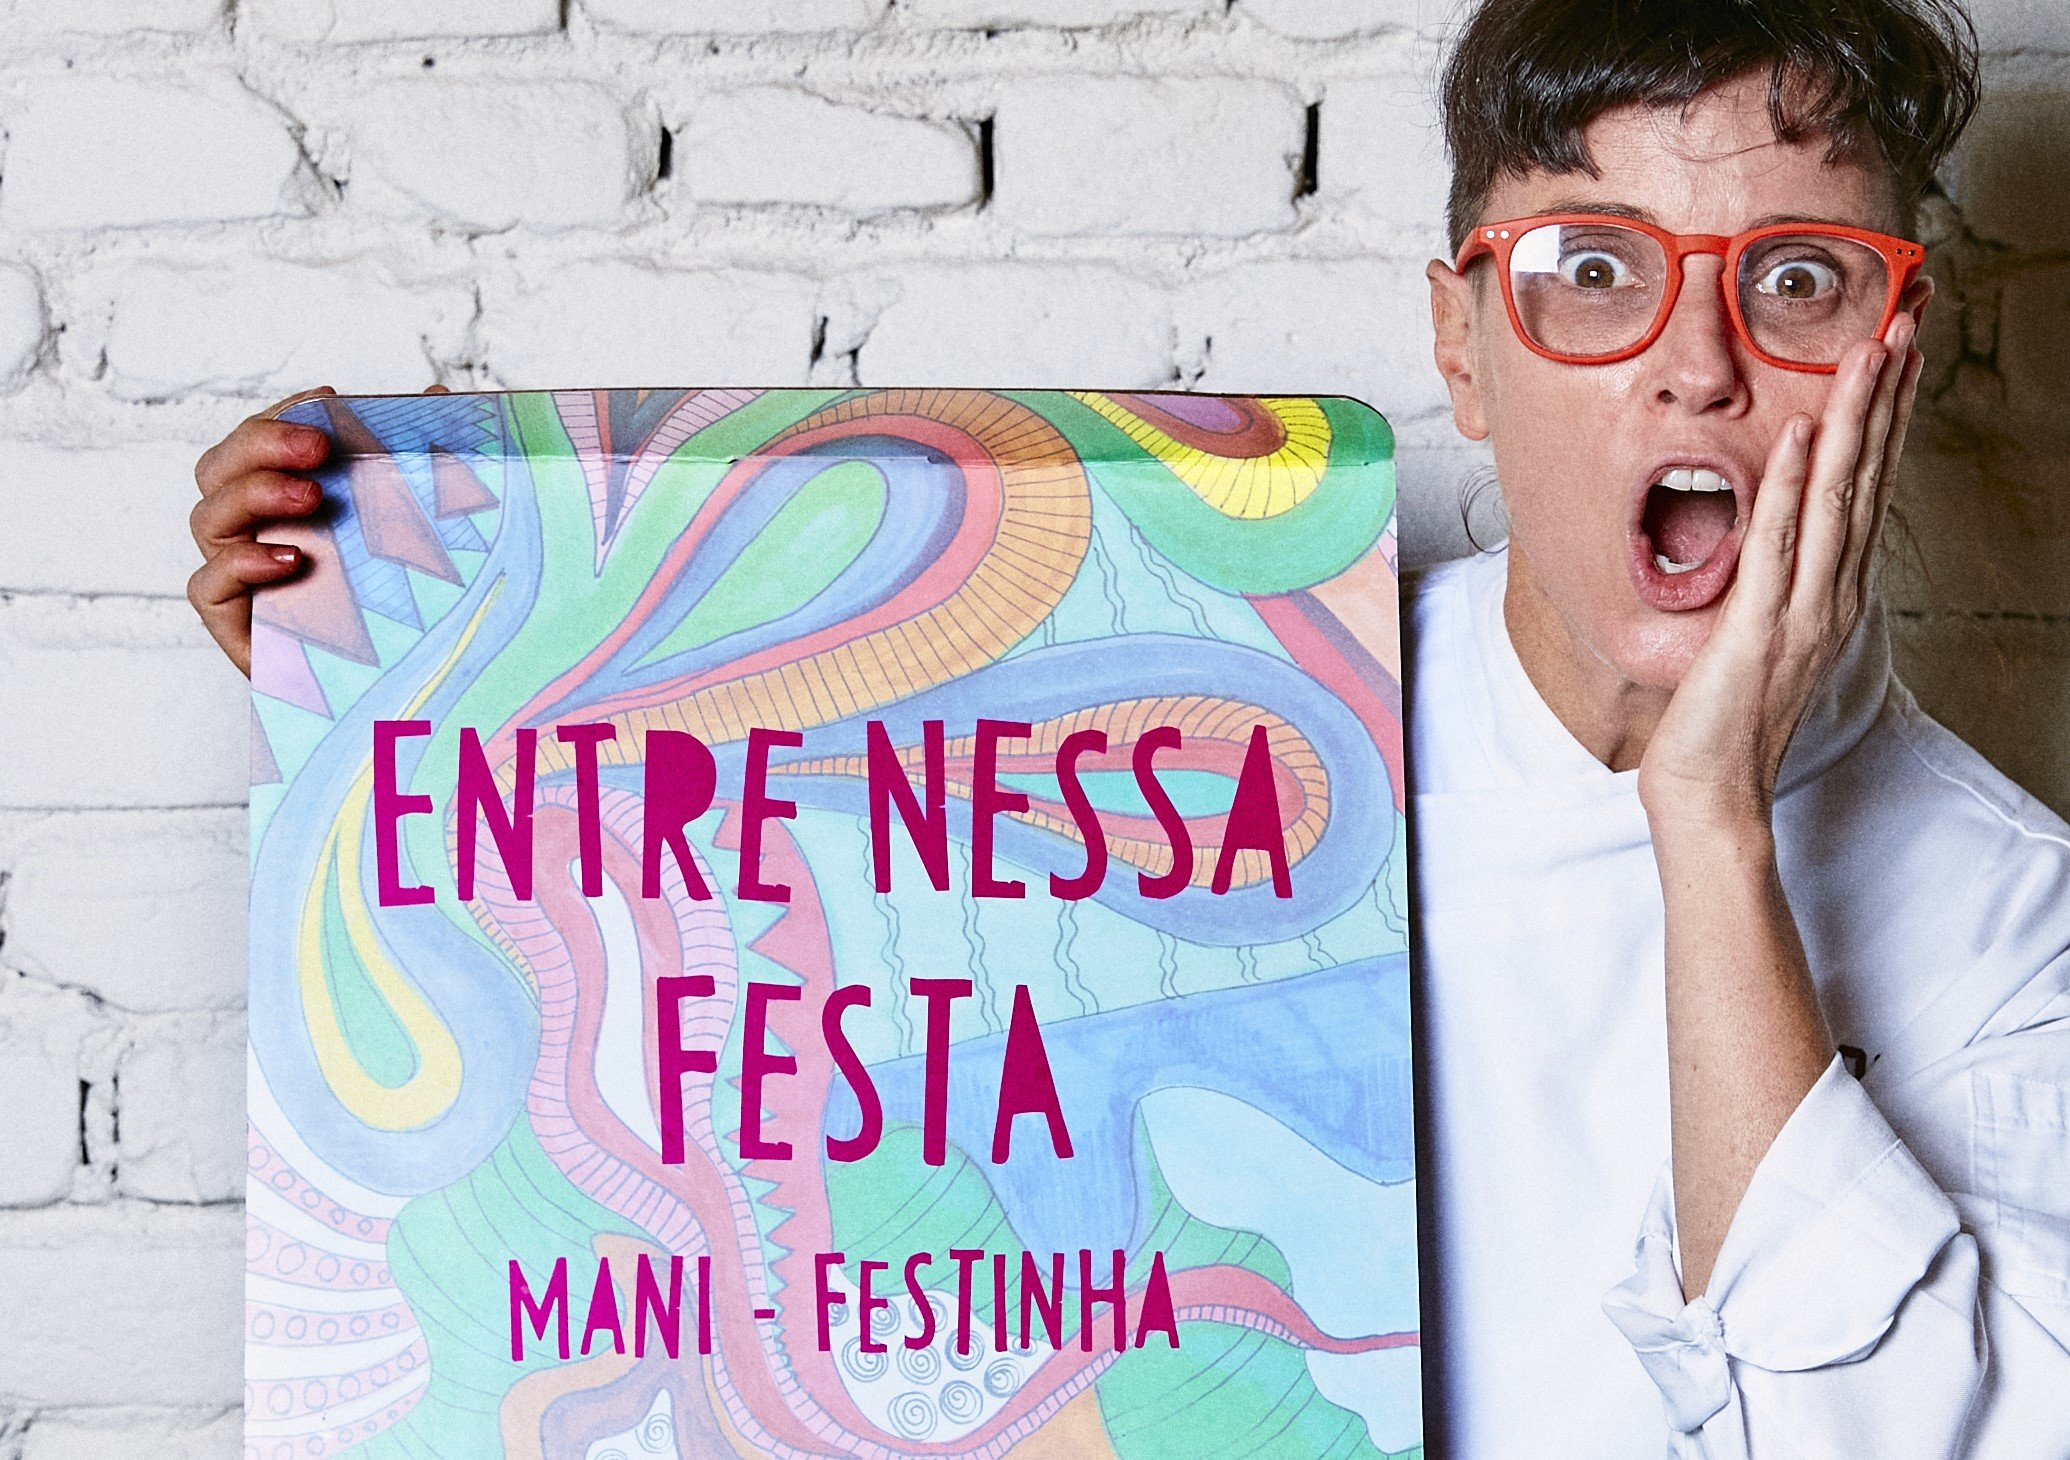 Maní-festinha